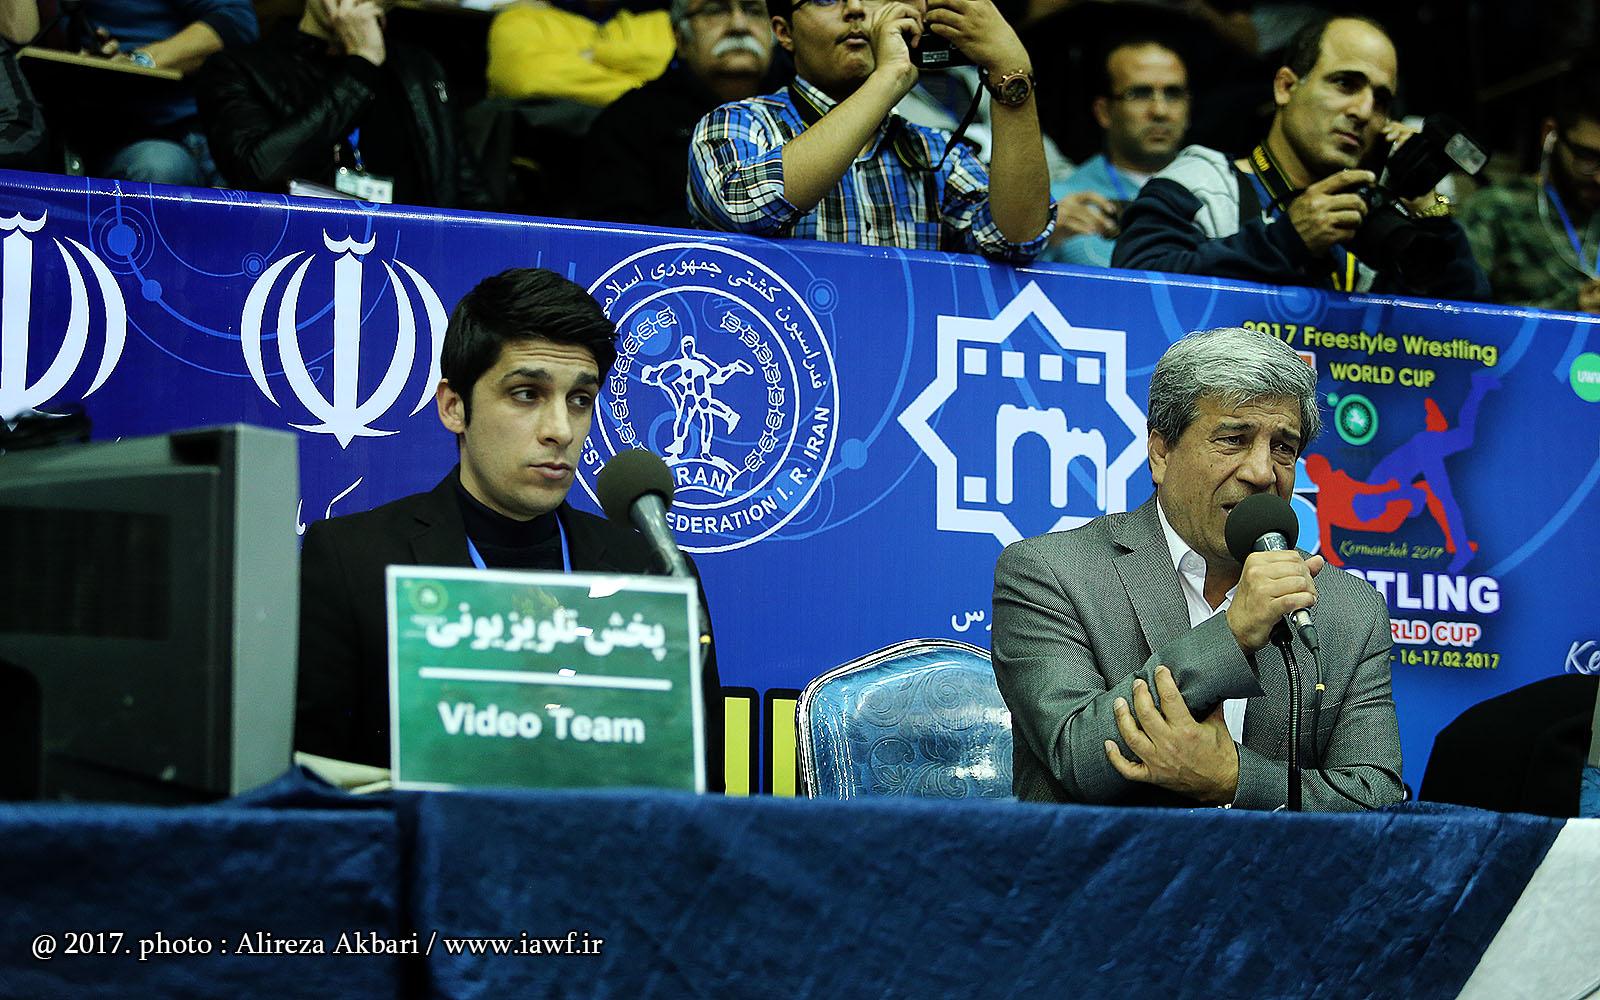 تصاویر برد قاطع کشتی آزاد ایران مقابل تراکیه